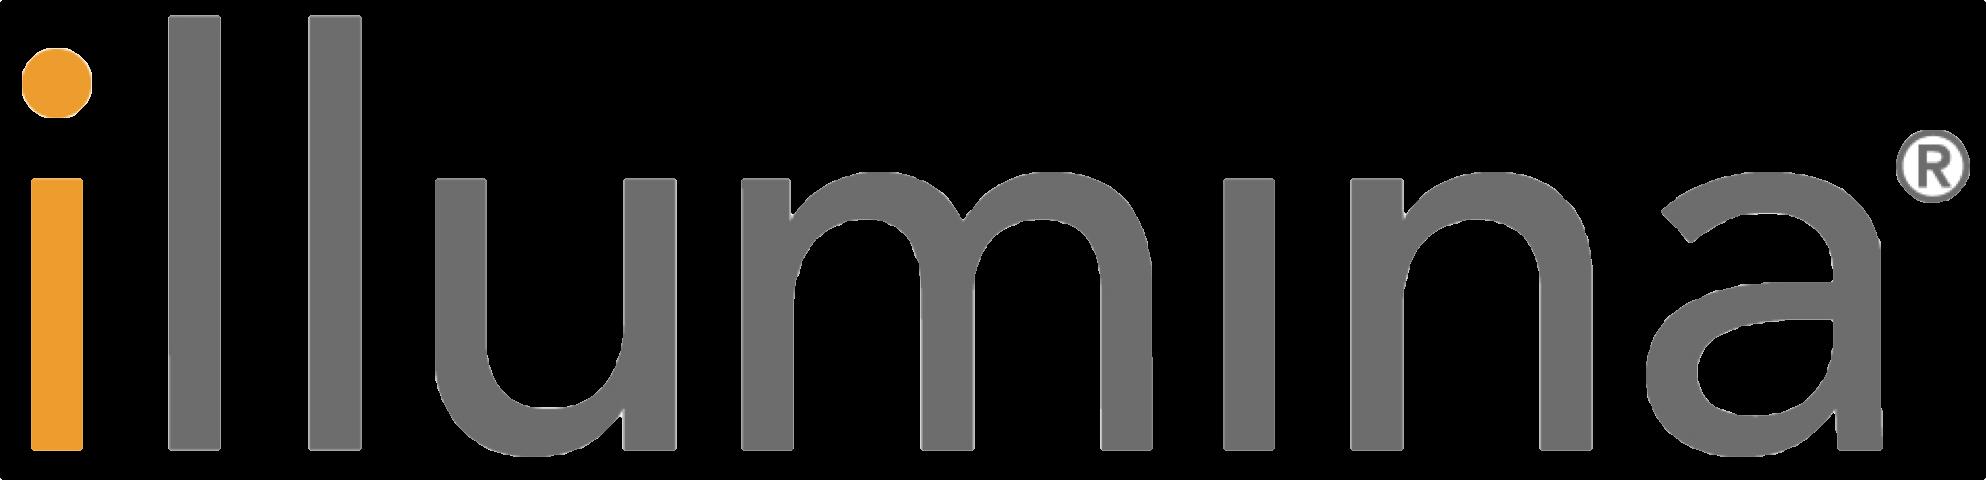 illumina のロゴ